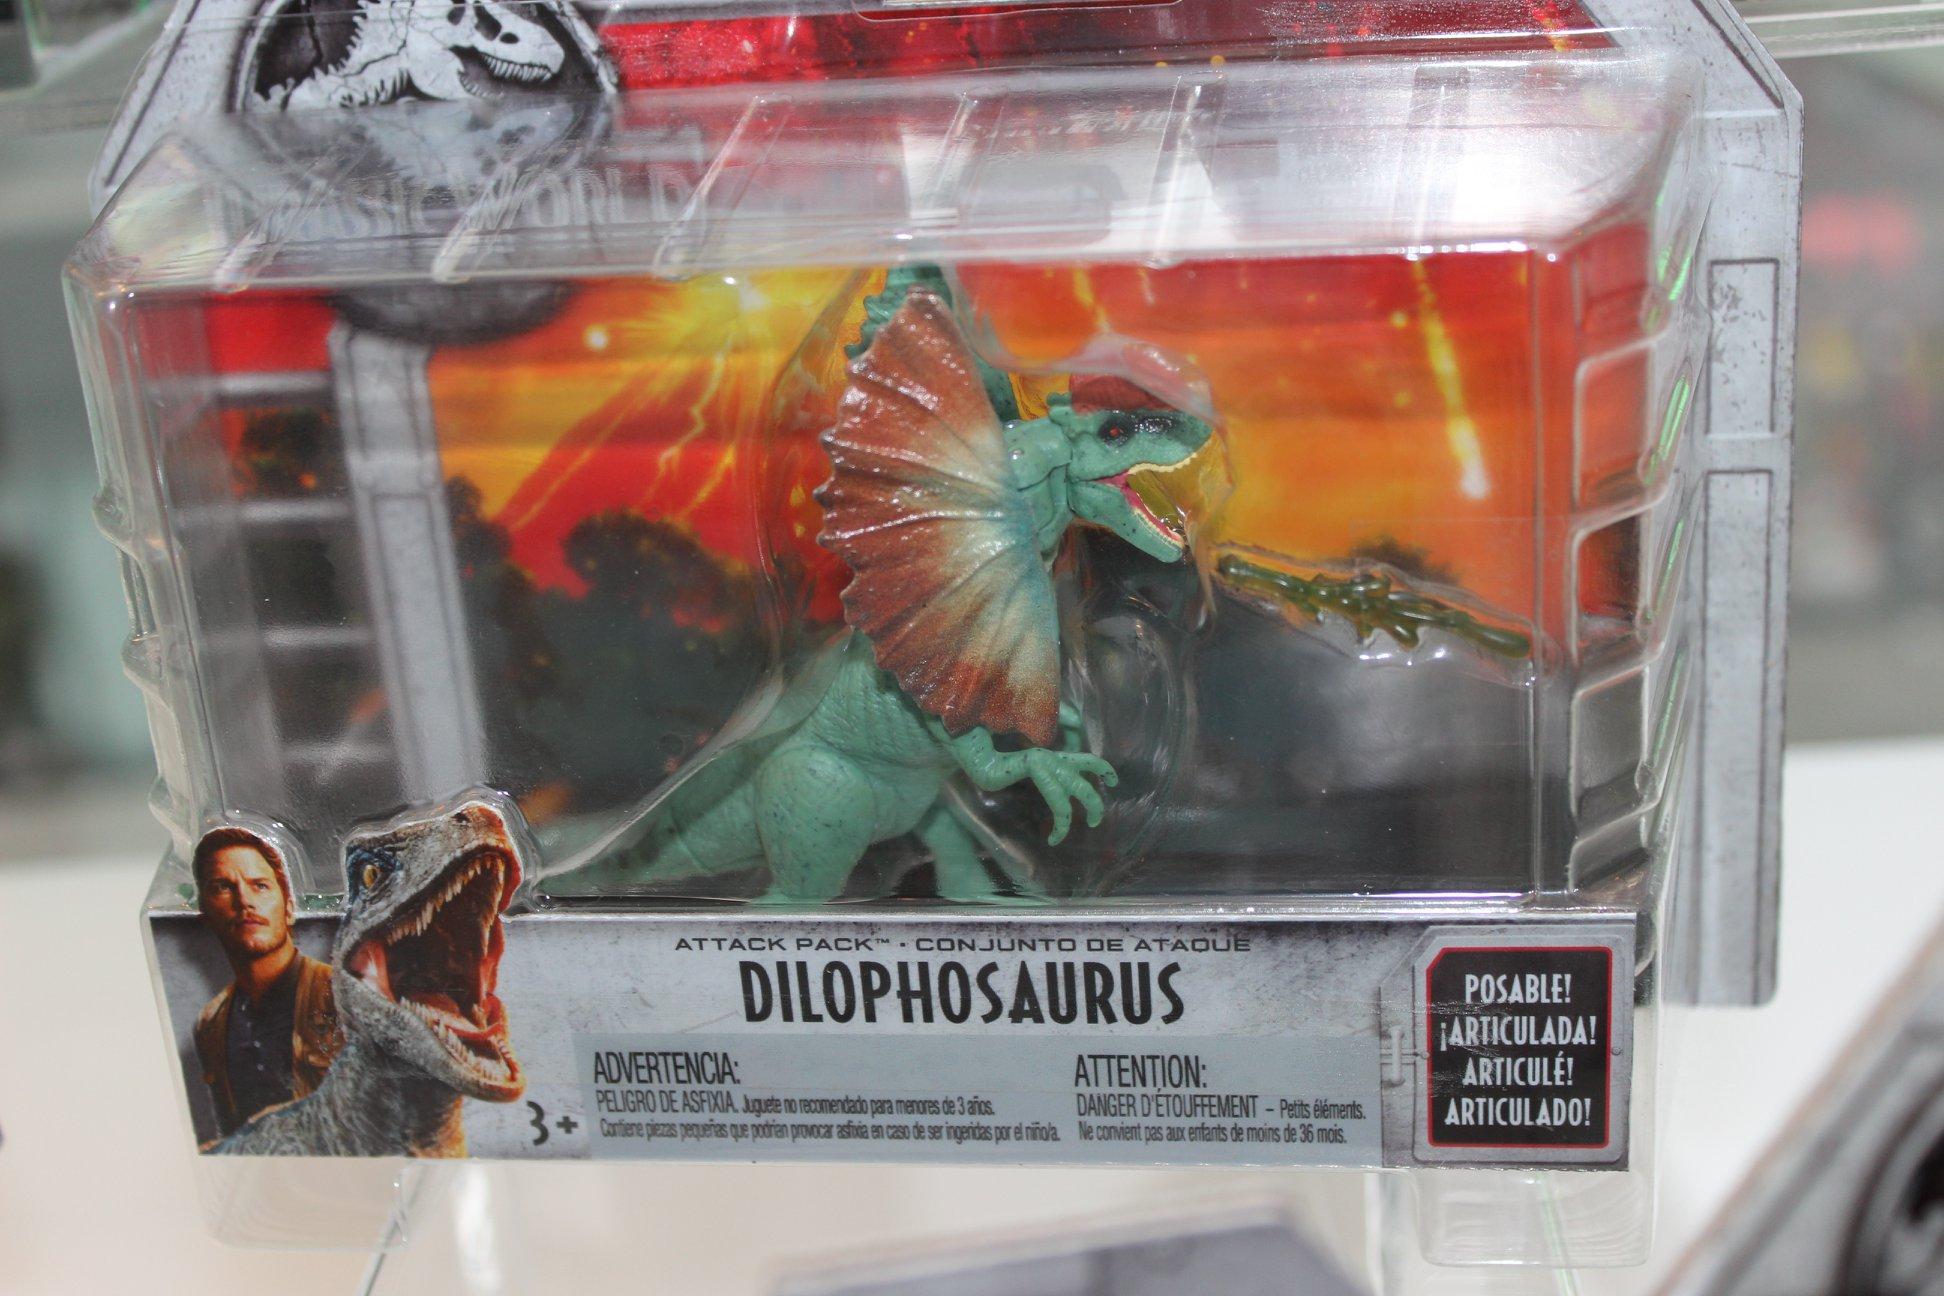 dilophosaurus_fk_toy.jpg